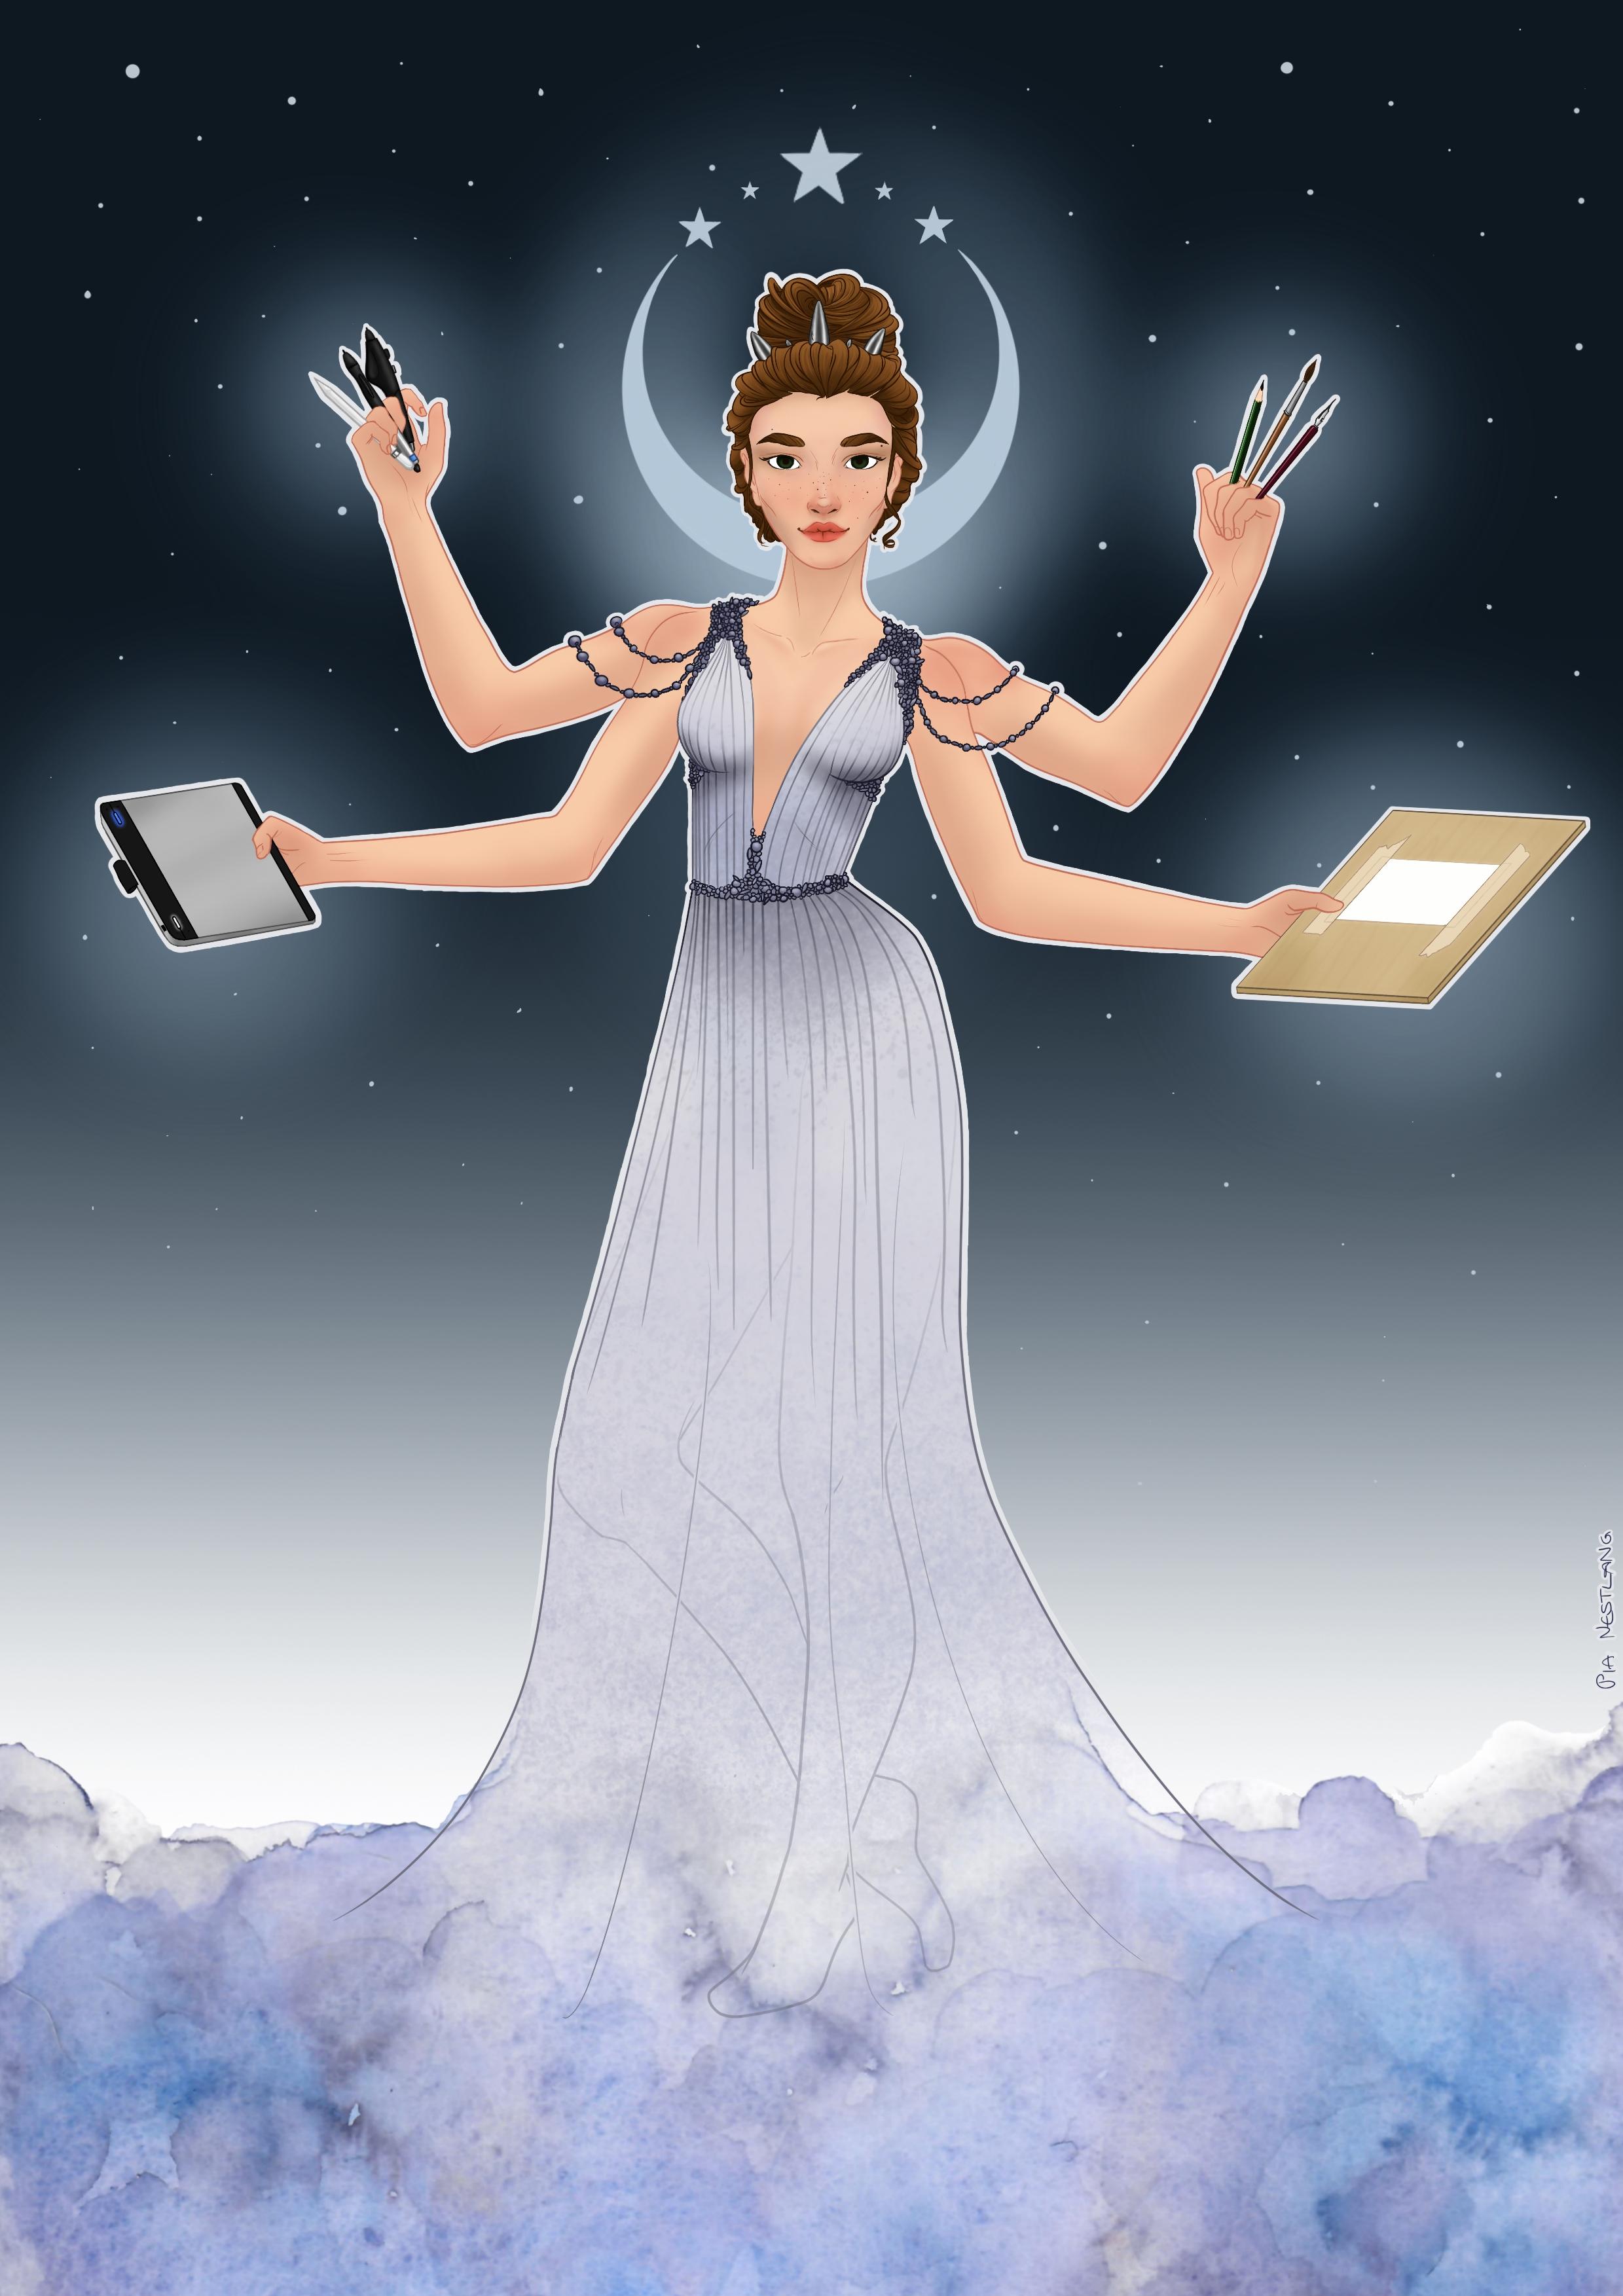 Goddess of Art